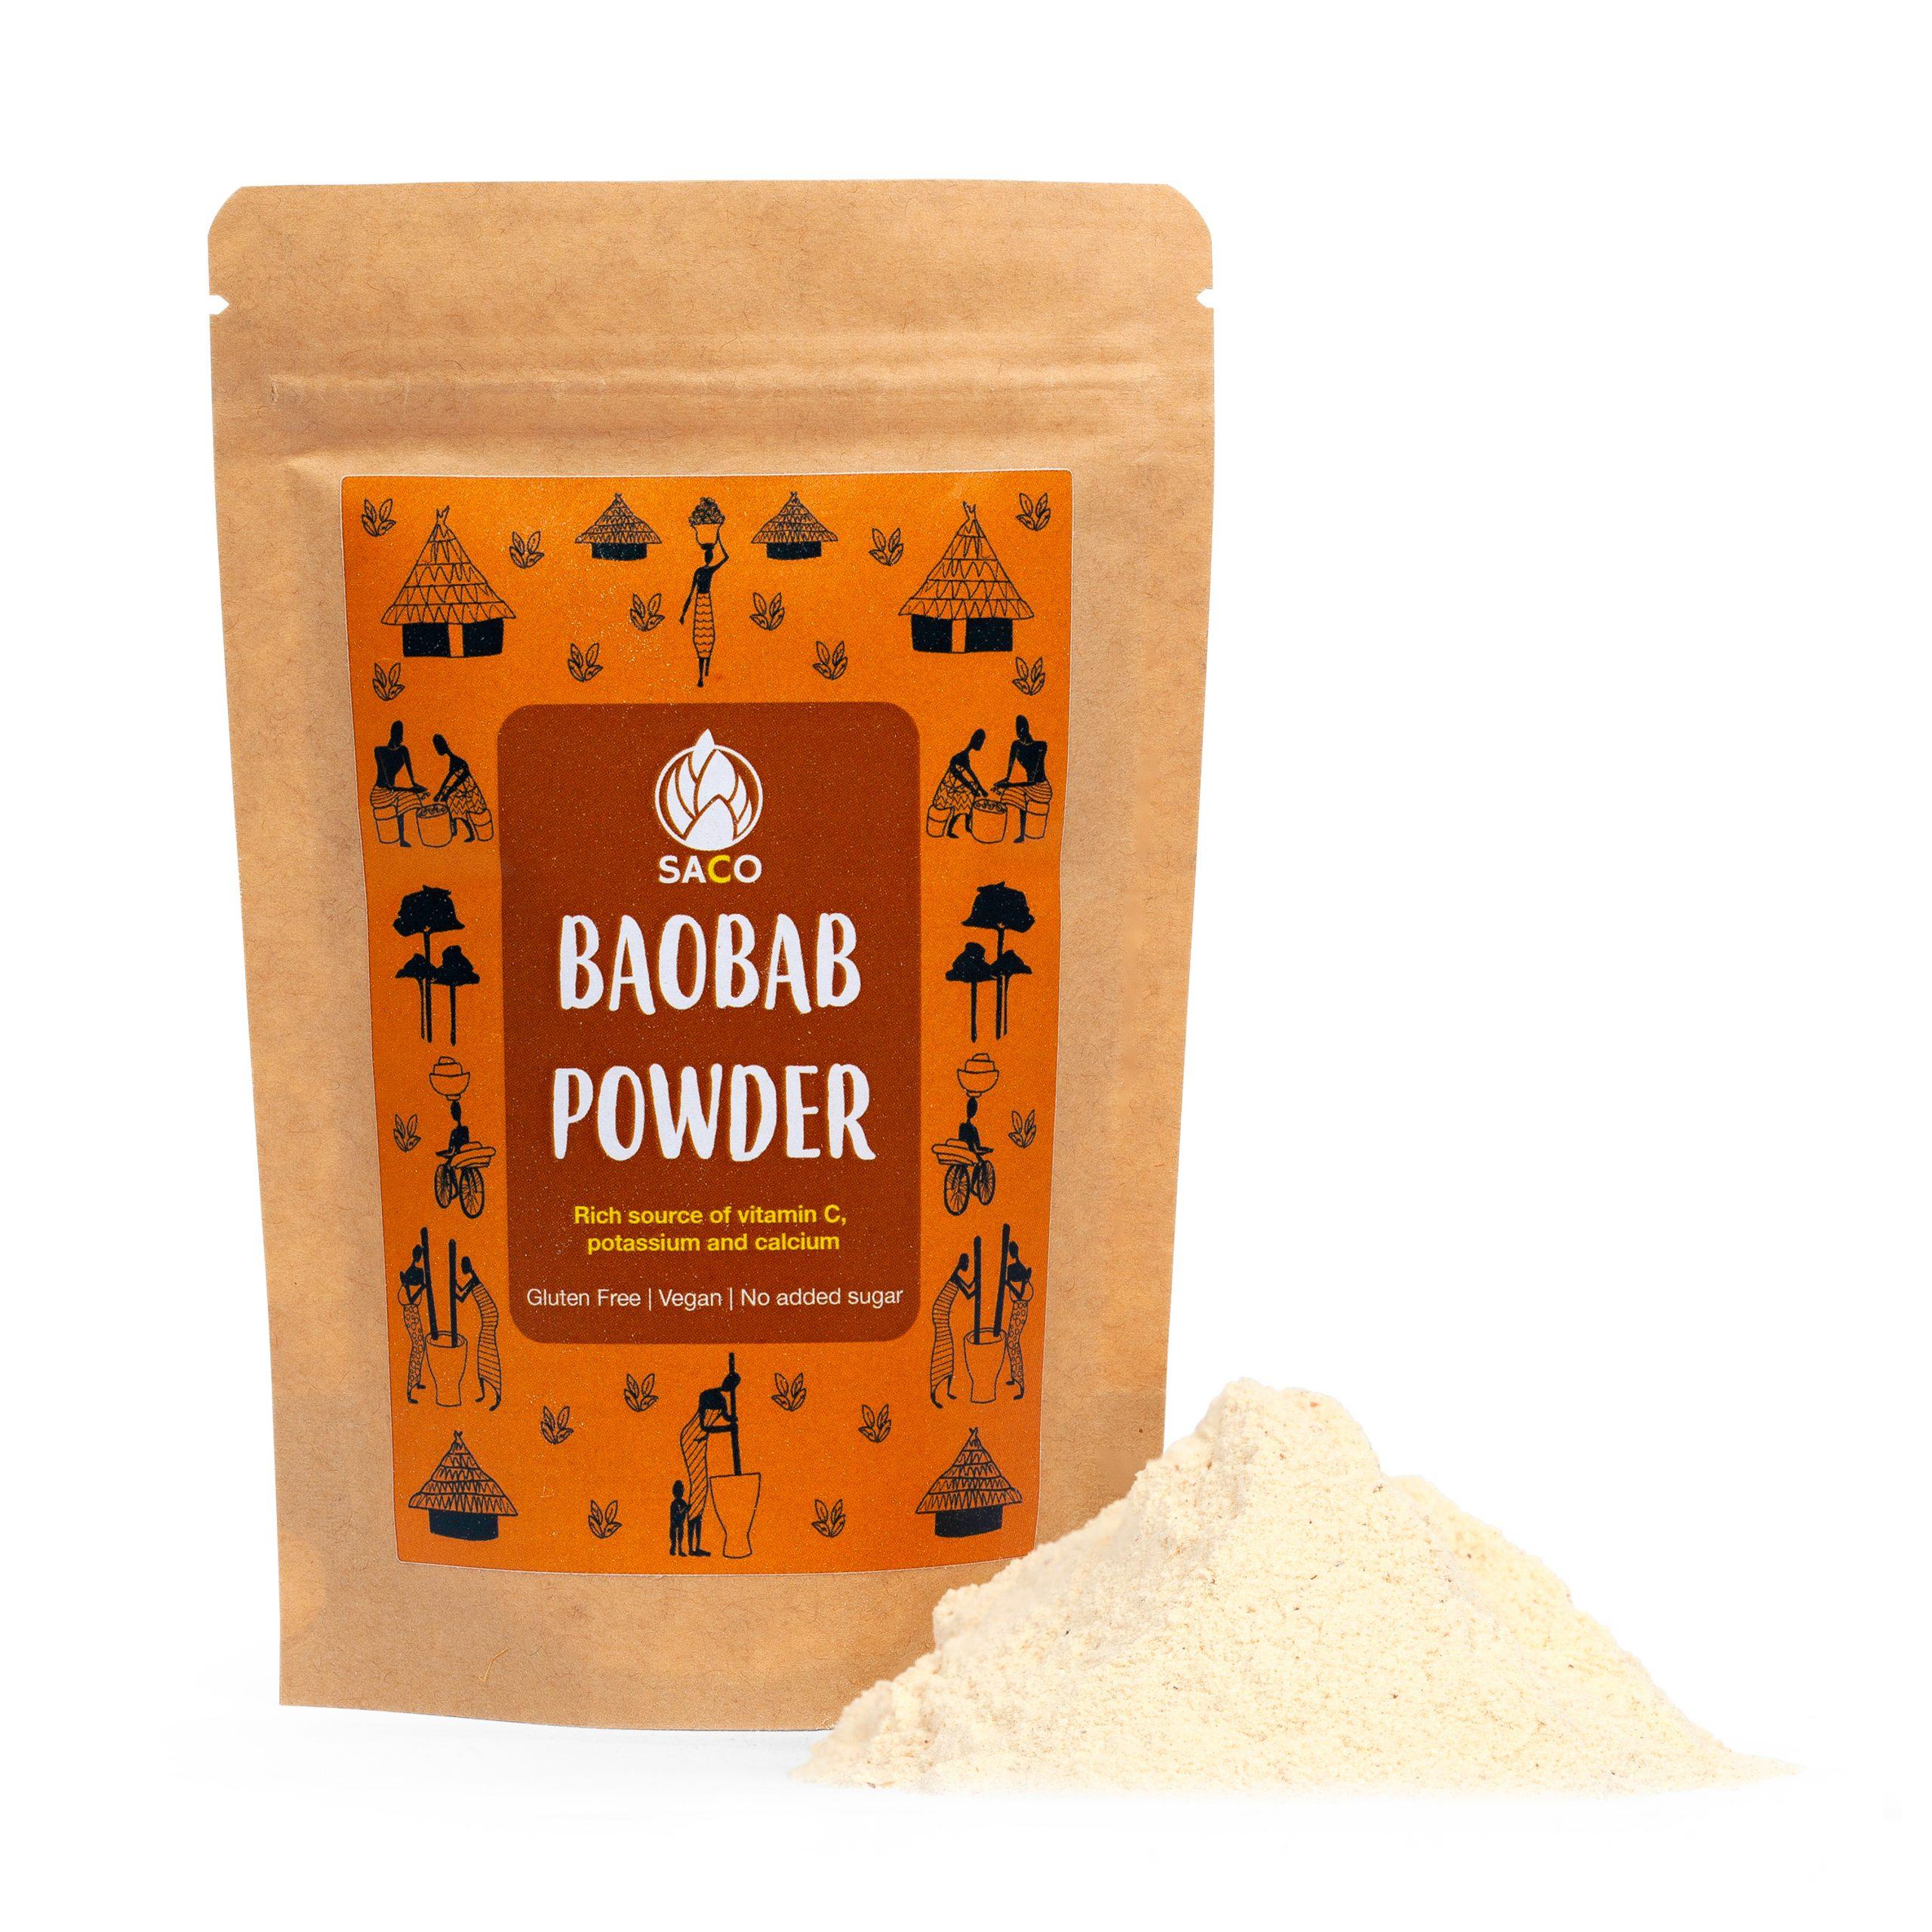 saco baobab powder